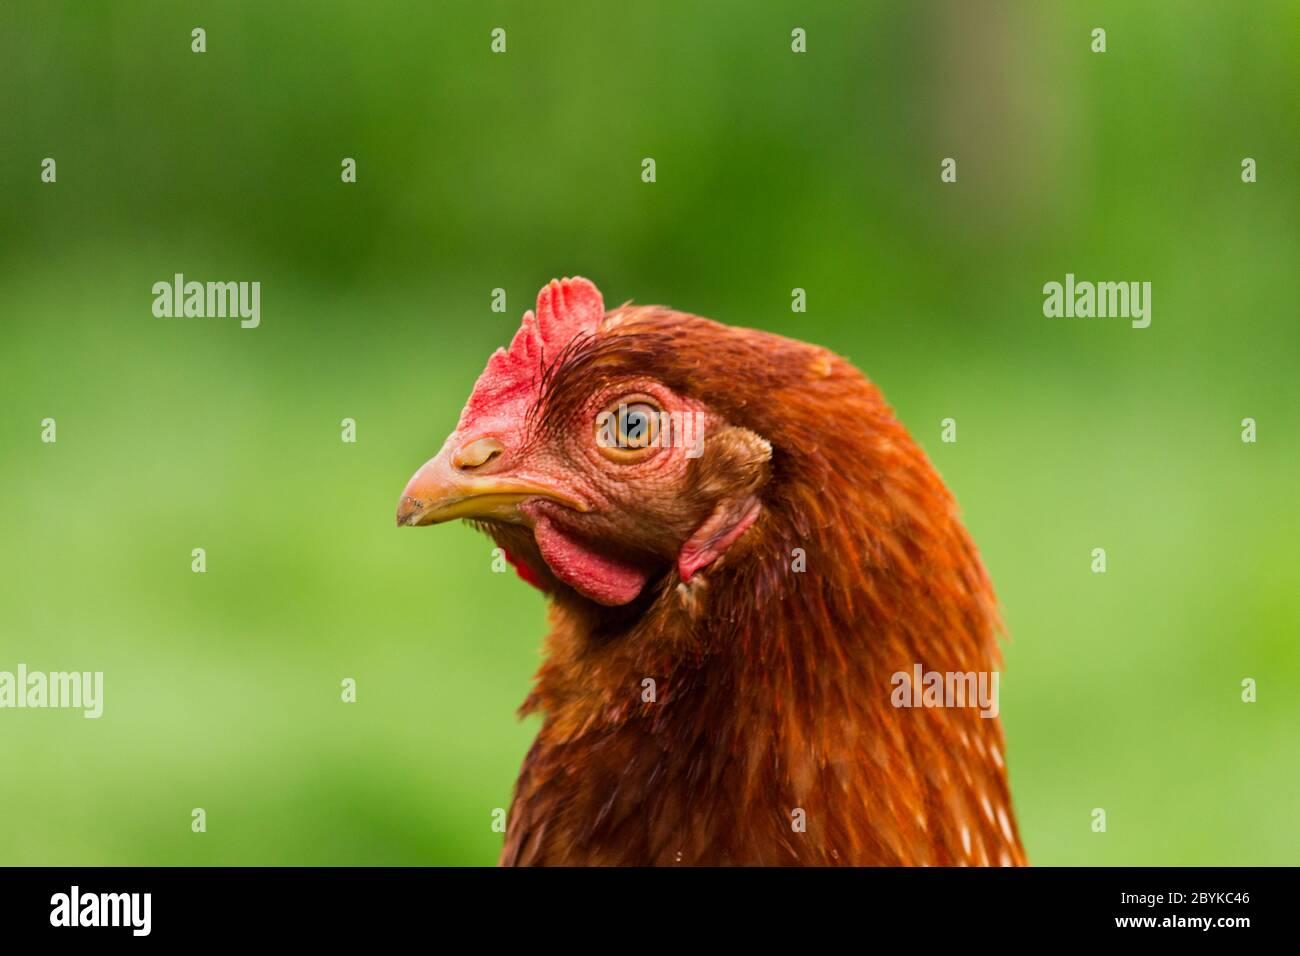 Las gallinas se alimentan en la tradicional rural de corral en día soleado. Detalle de la cabeza de gallina. Pollos sentados en el gallinero. Cerca de pollo parado en el granero Foto de stock